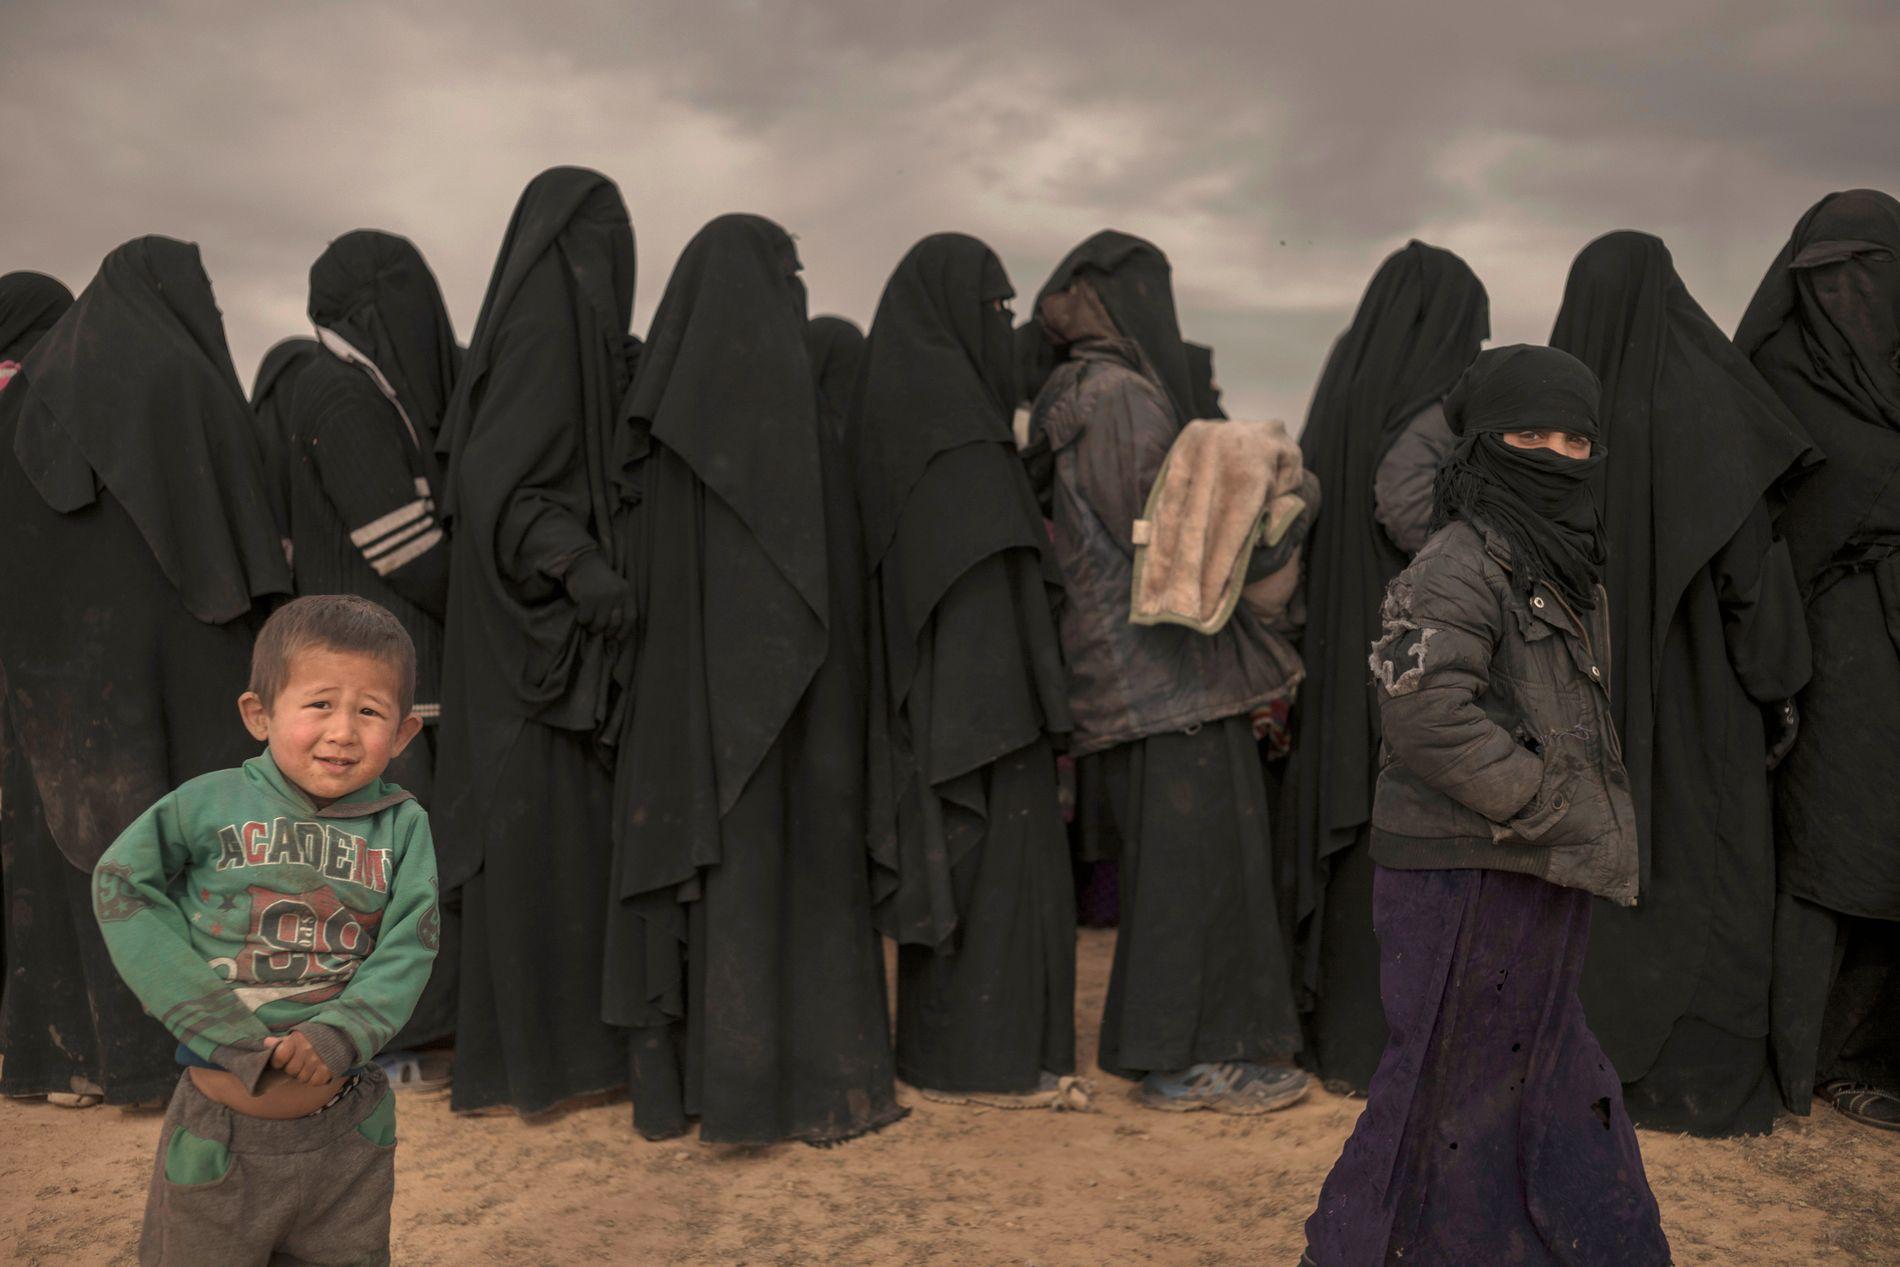 REGISTRERES: Kvinner står i kø for å bli registret av SDF etter å ha forlatt IS-området. To norske kvinner har kommet ut av Baghouz den siste tiden.